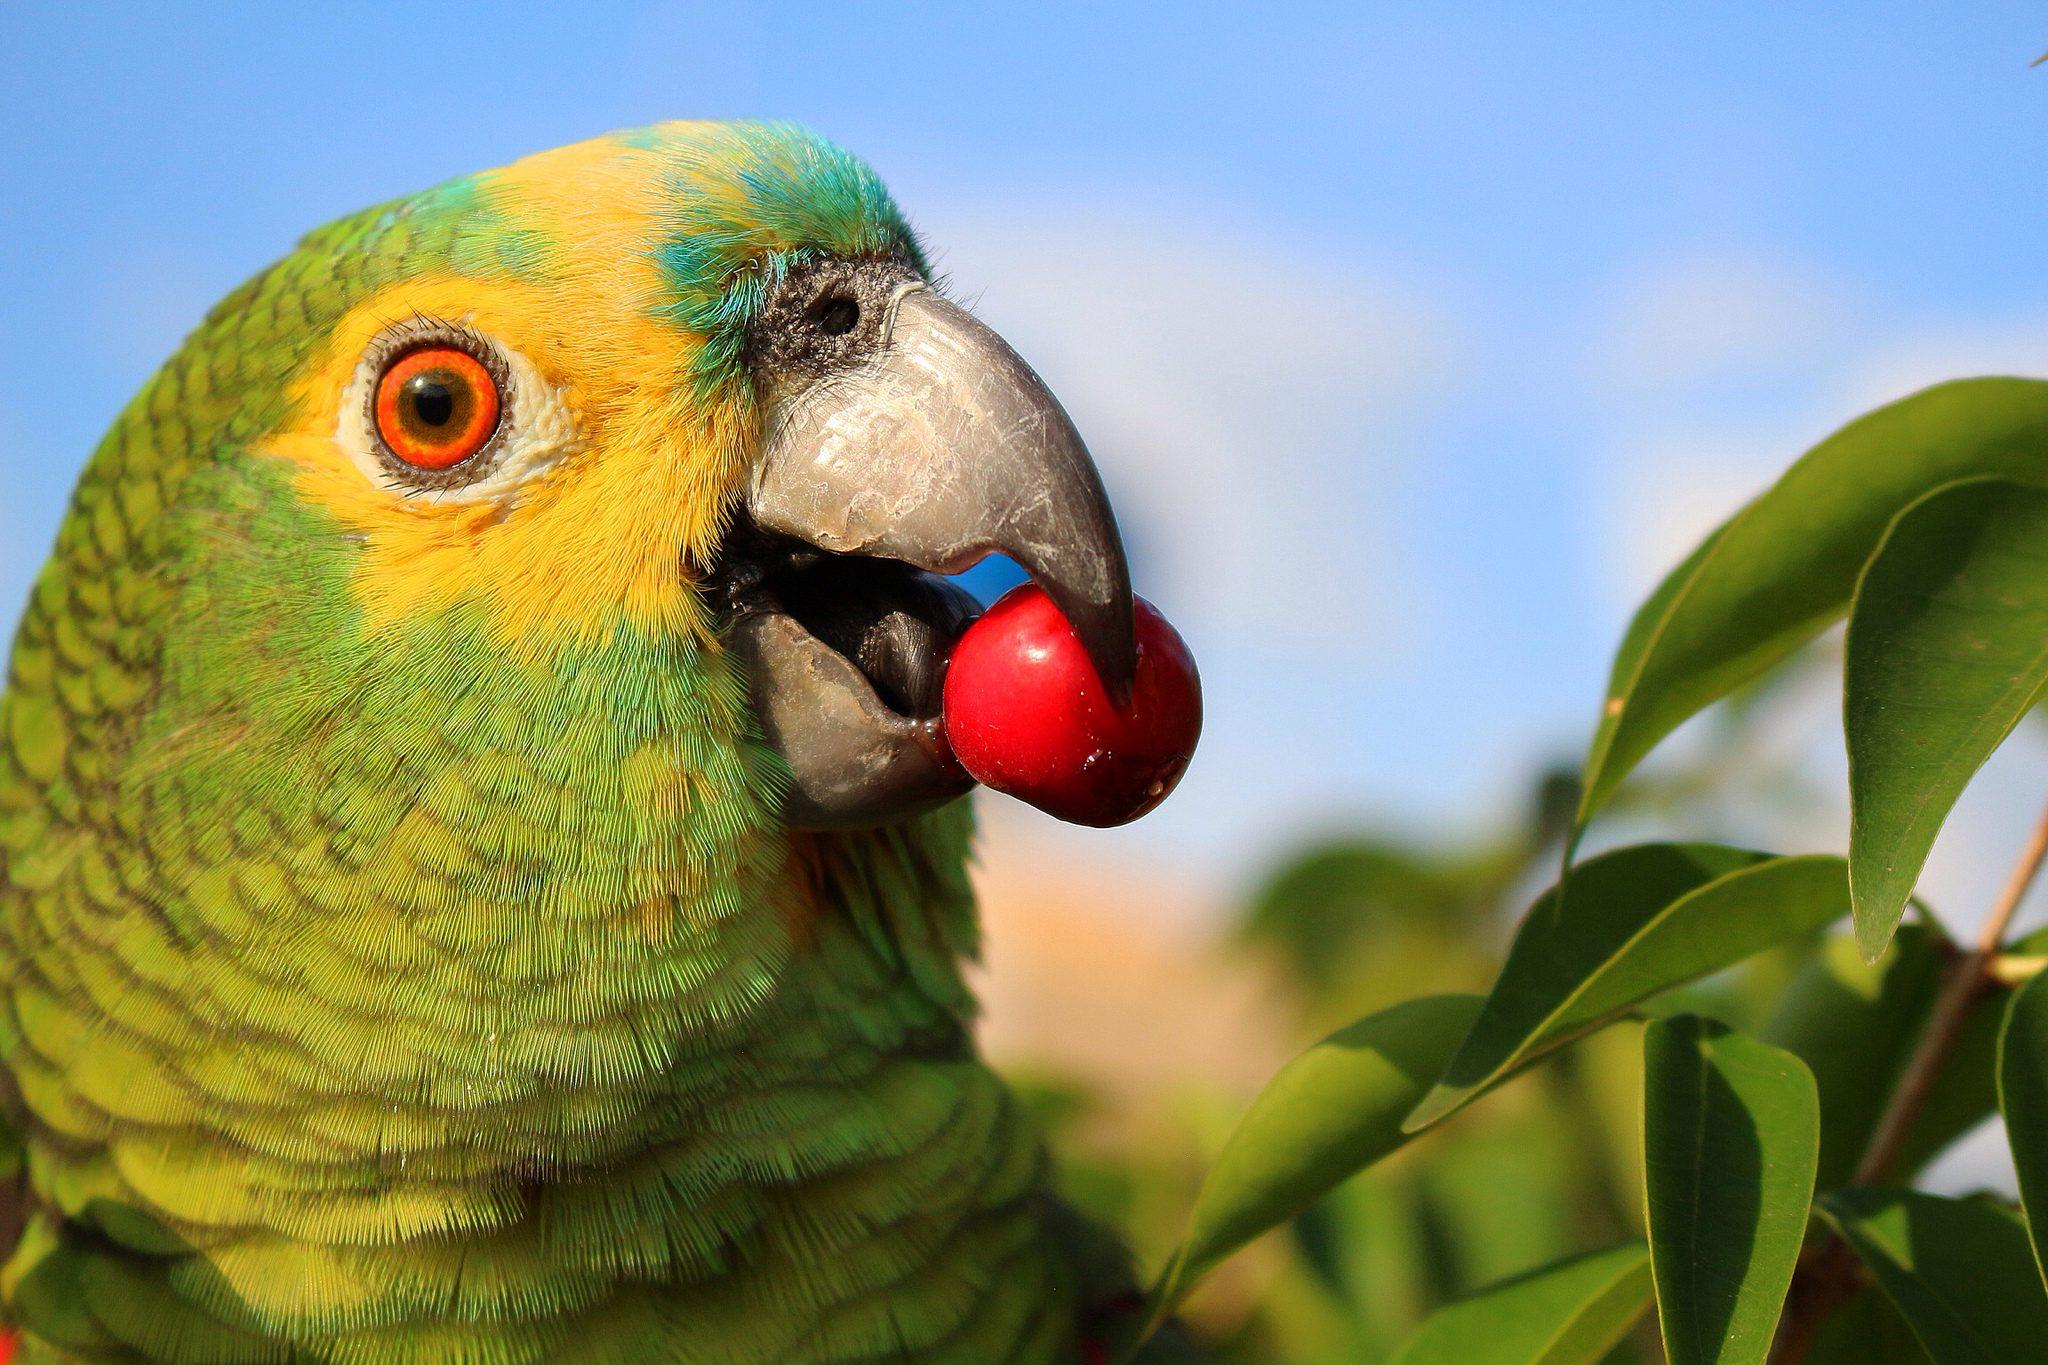 Papagaio Dicas Incríveis sobre esta Ave Encantadora